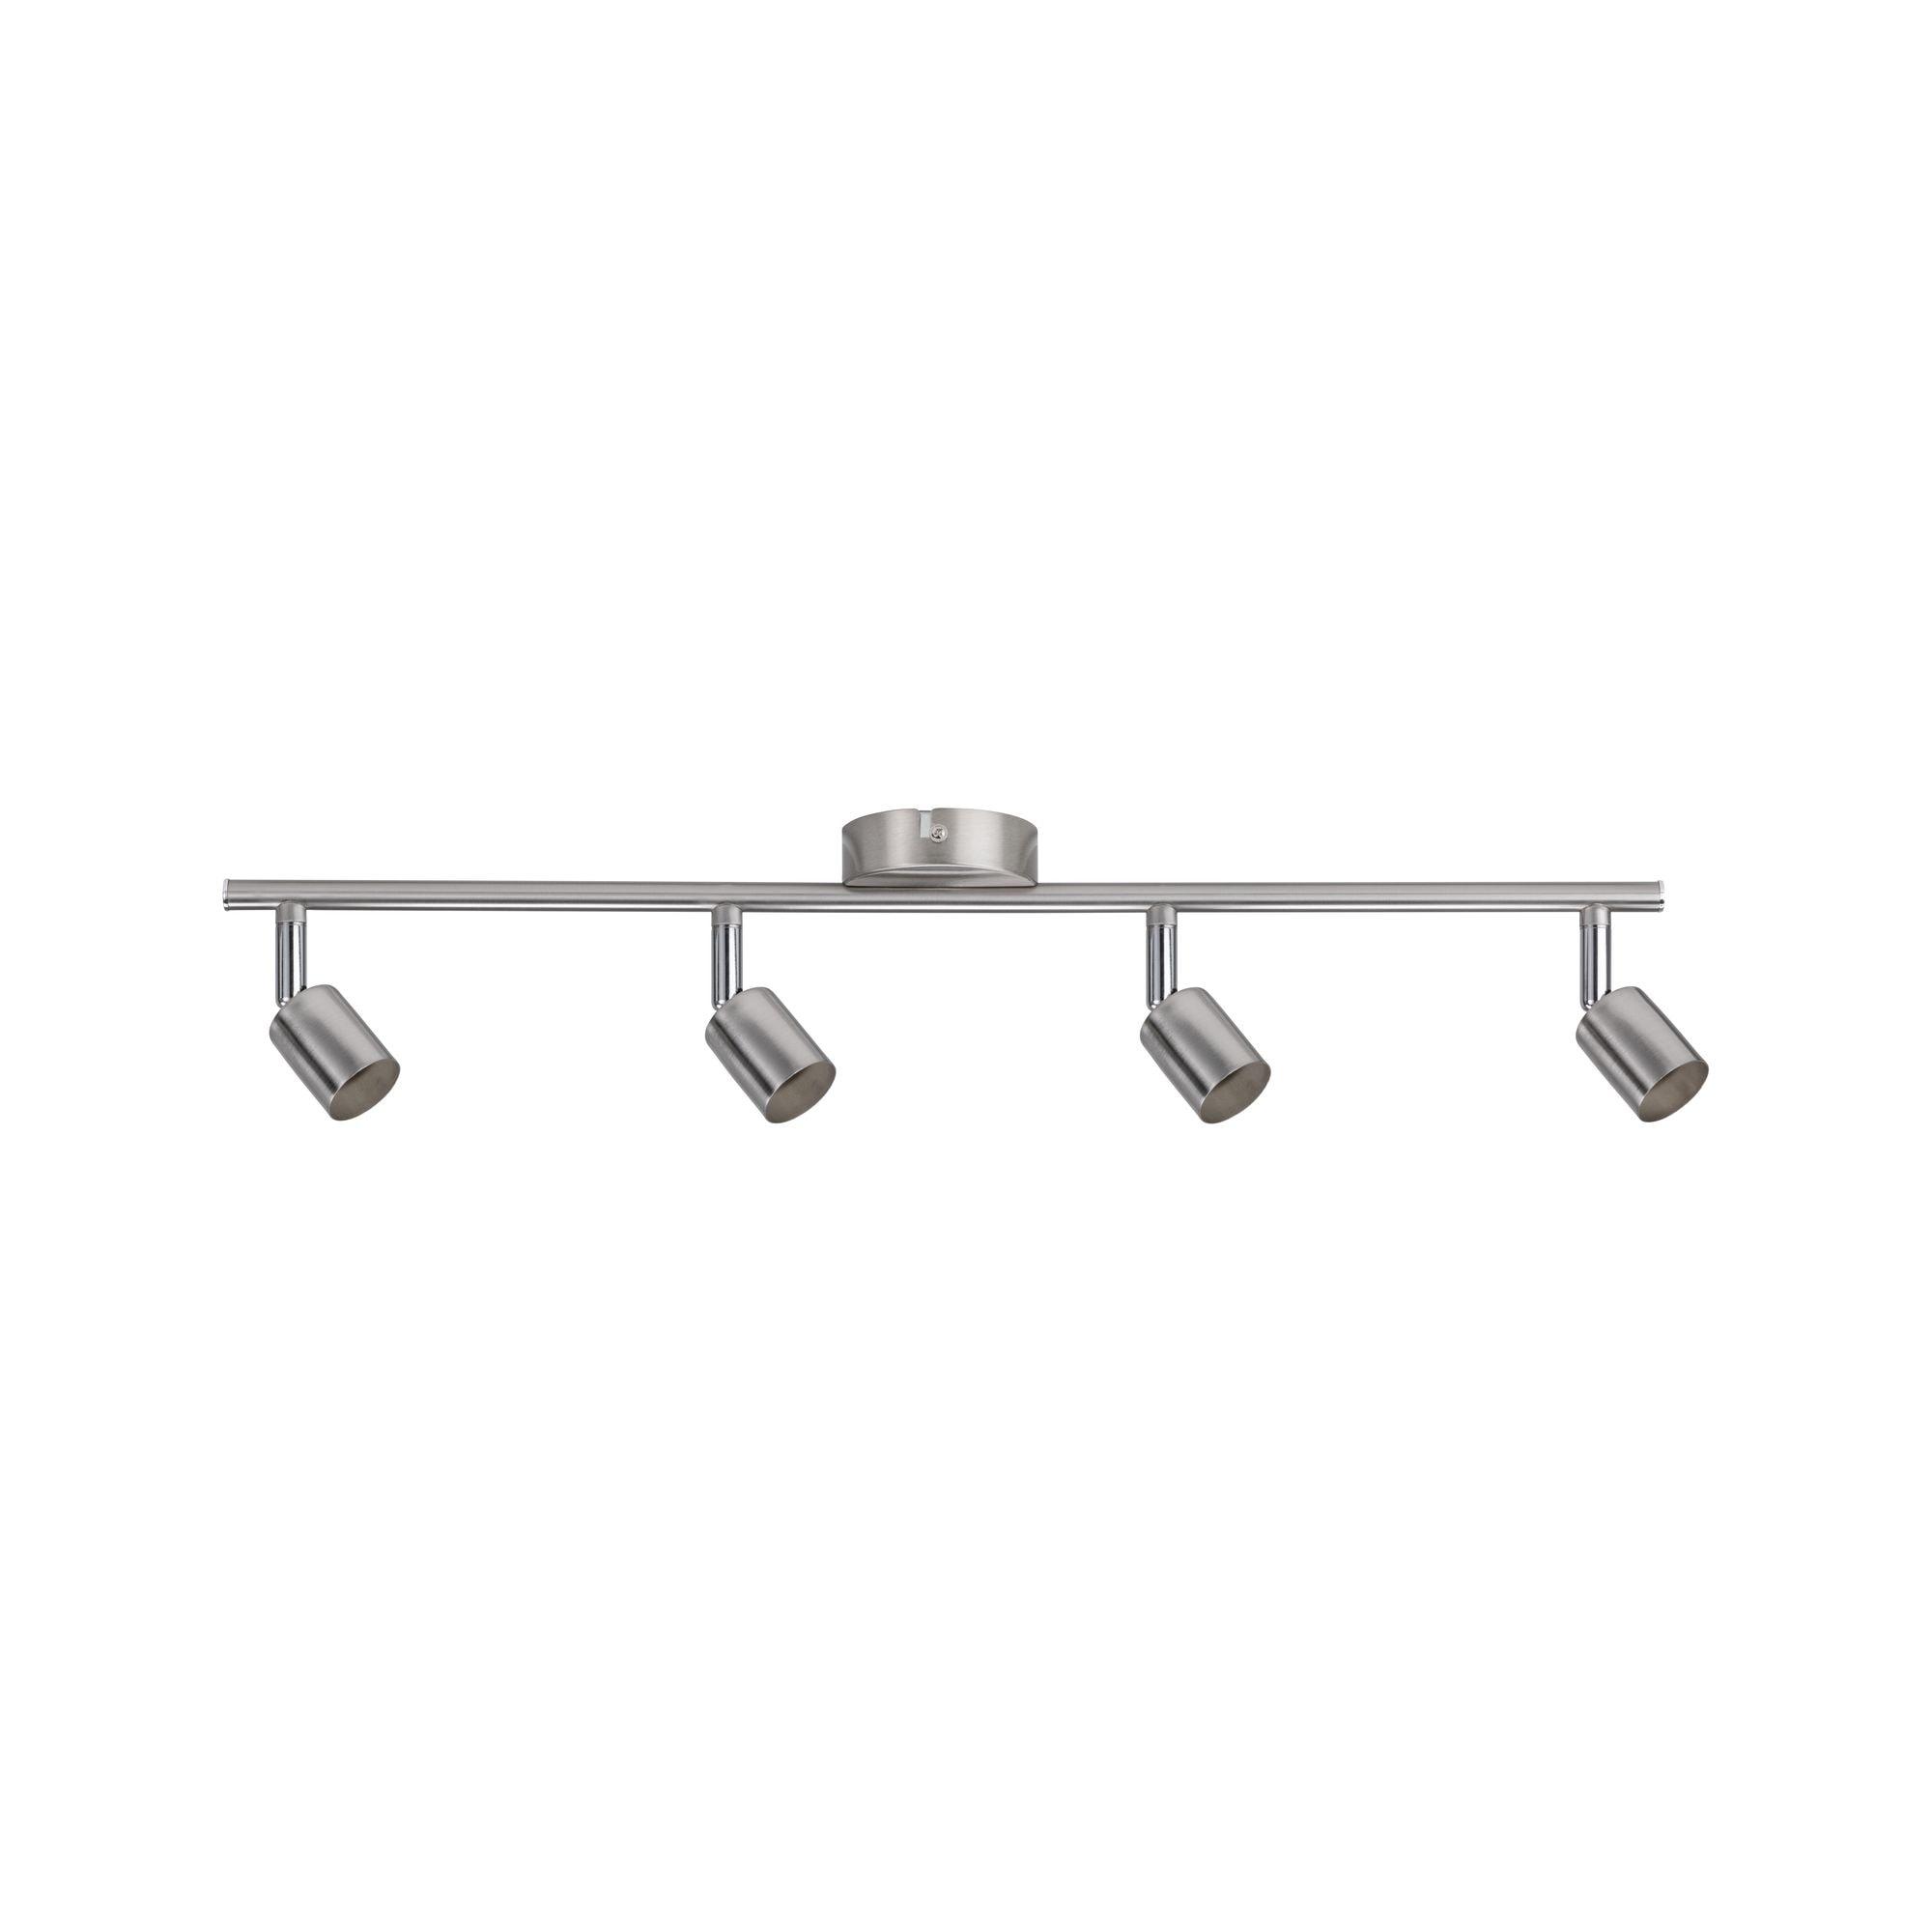 Paulmann LED Deckenleuchte 4er-Spot Carolina GU10, max 10W Nickel matt, GU10